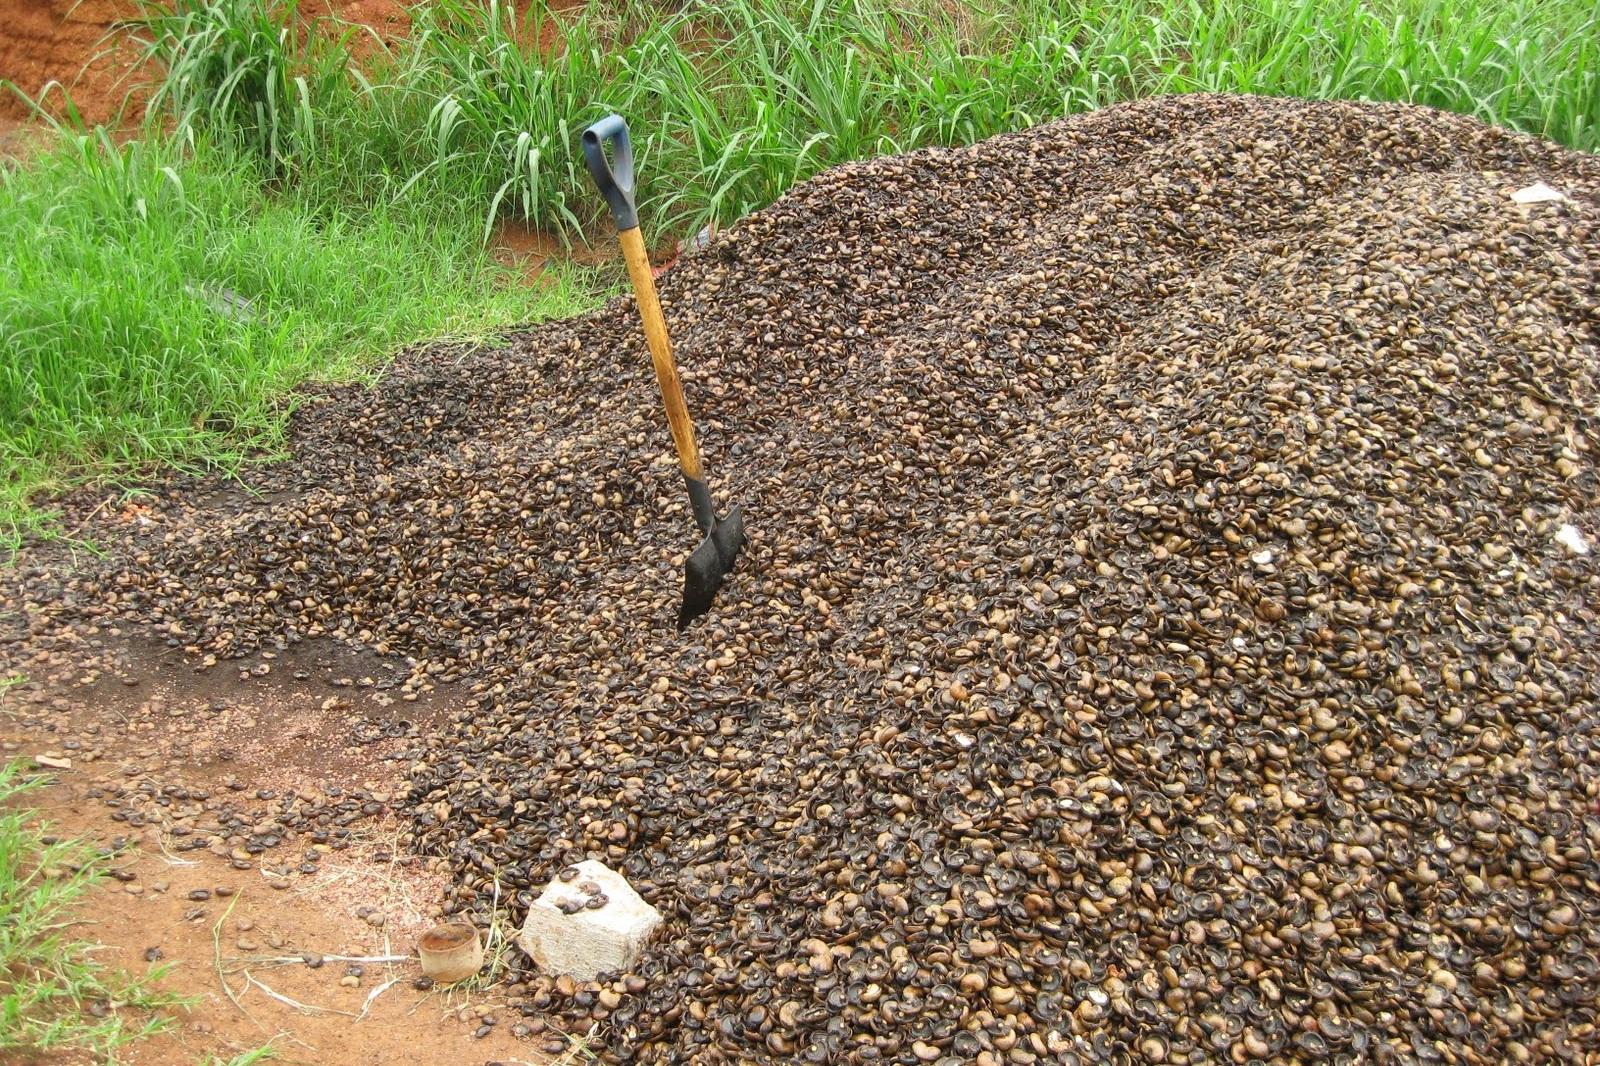 De cashewdoppen, die overblijven na het pellen. Een prima bron van duurzame energie, daar doen we nu nog veel te weinig mee. Veel wordt gewoon gedumpt… -